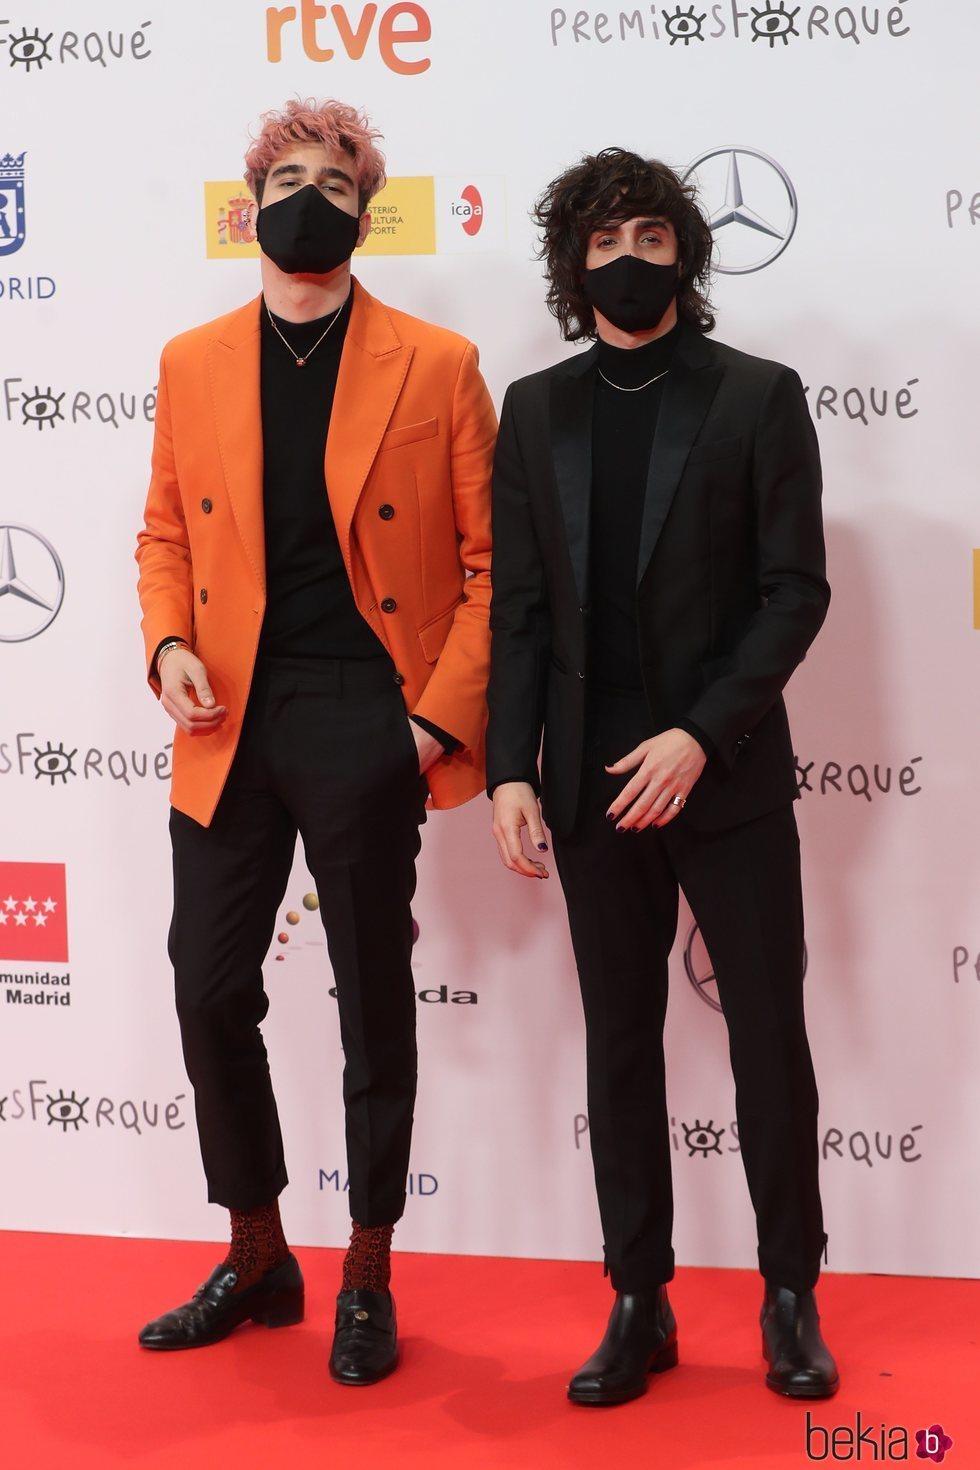 Javier Calvo y Javier Ambrossi en la alfombra roja de los Premios José María Forqué 2021